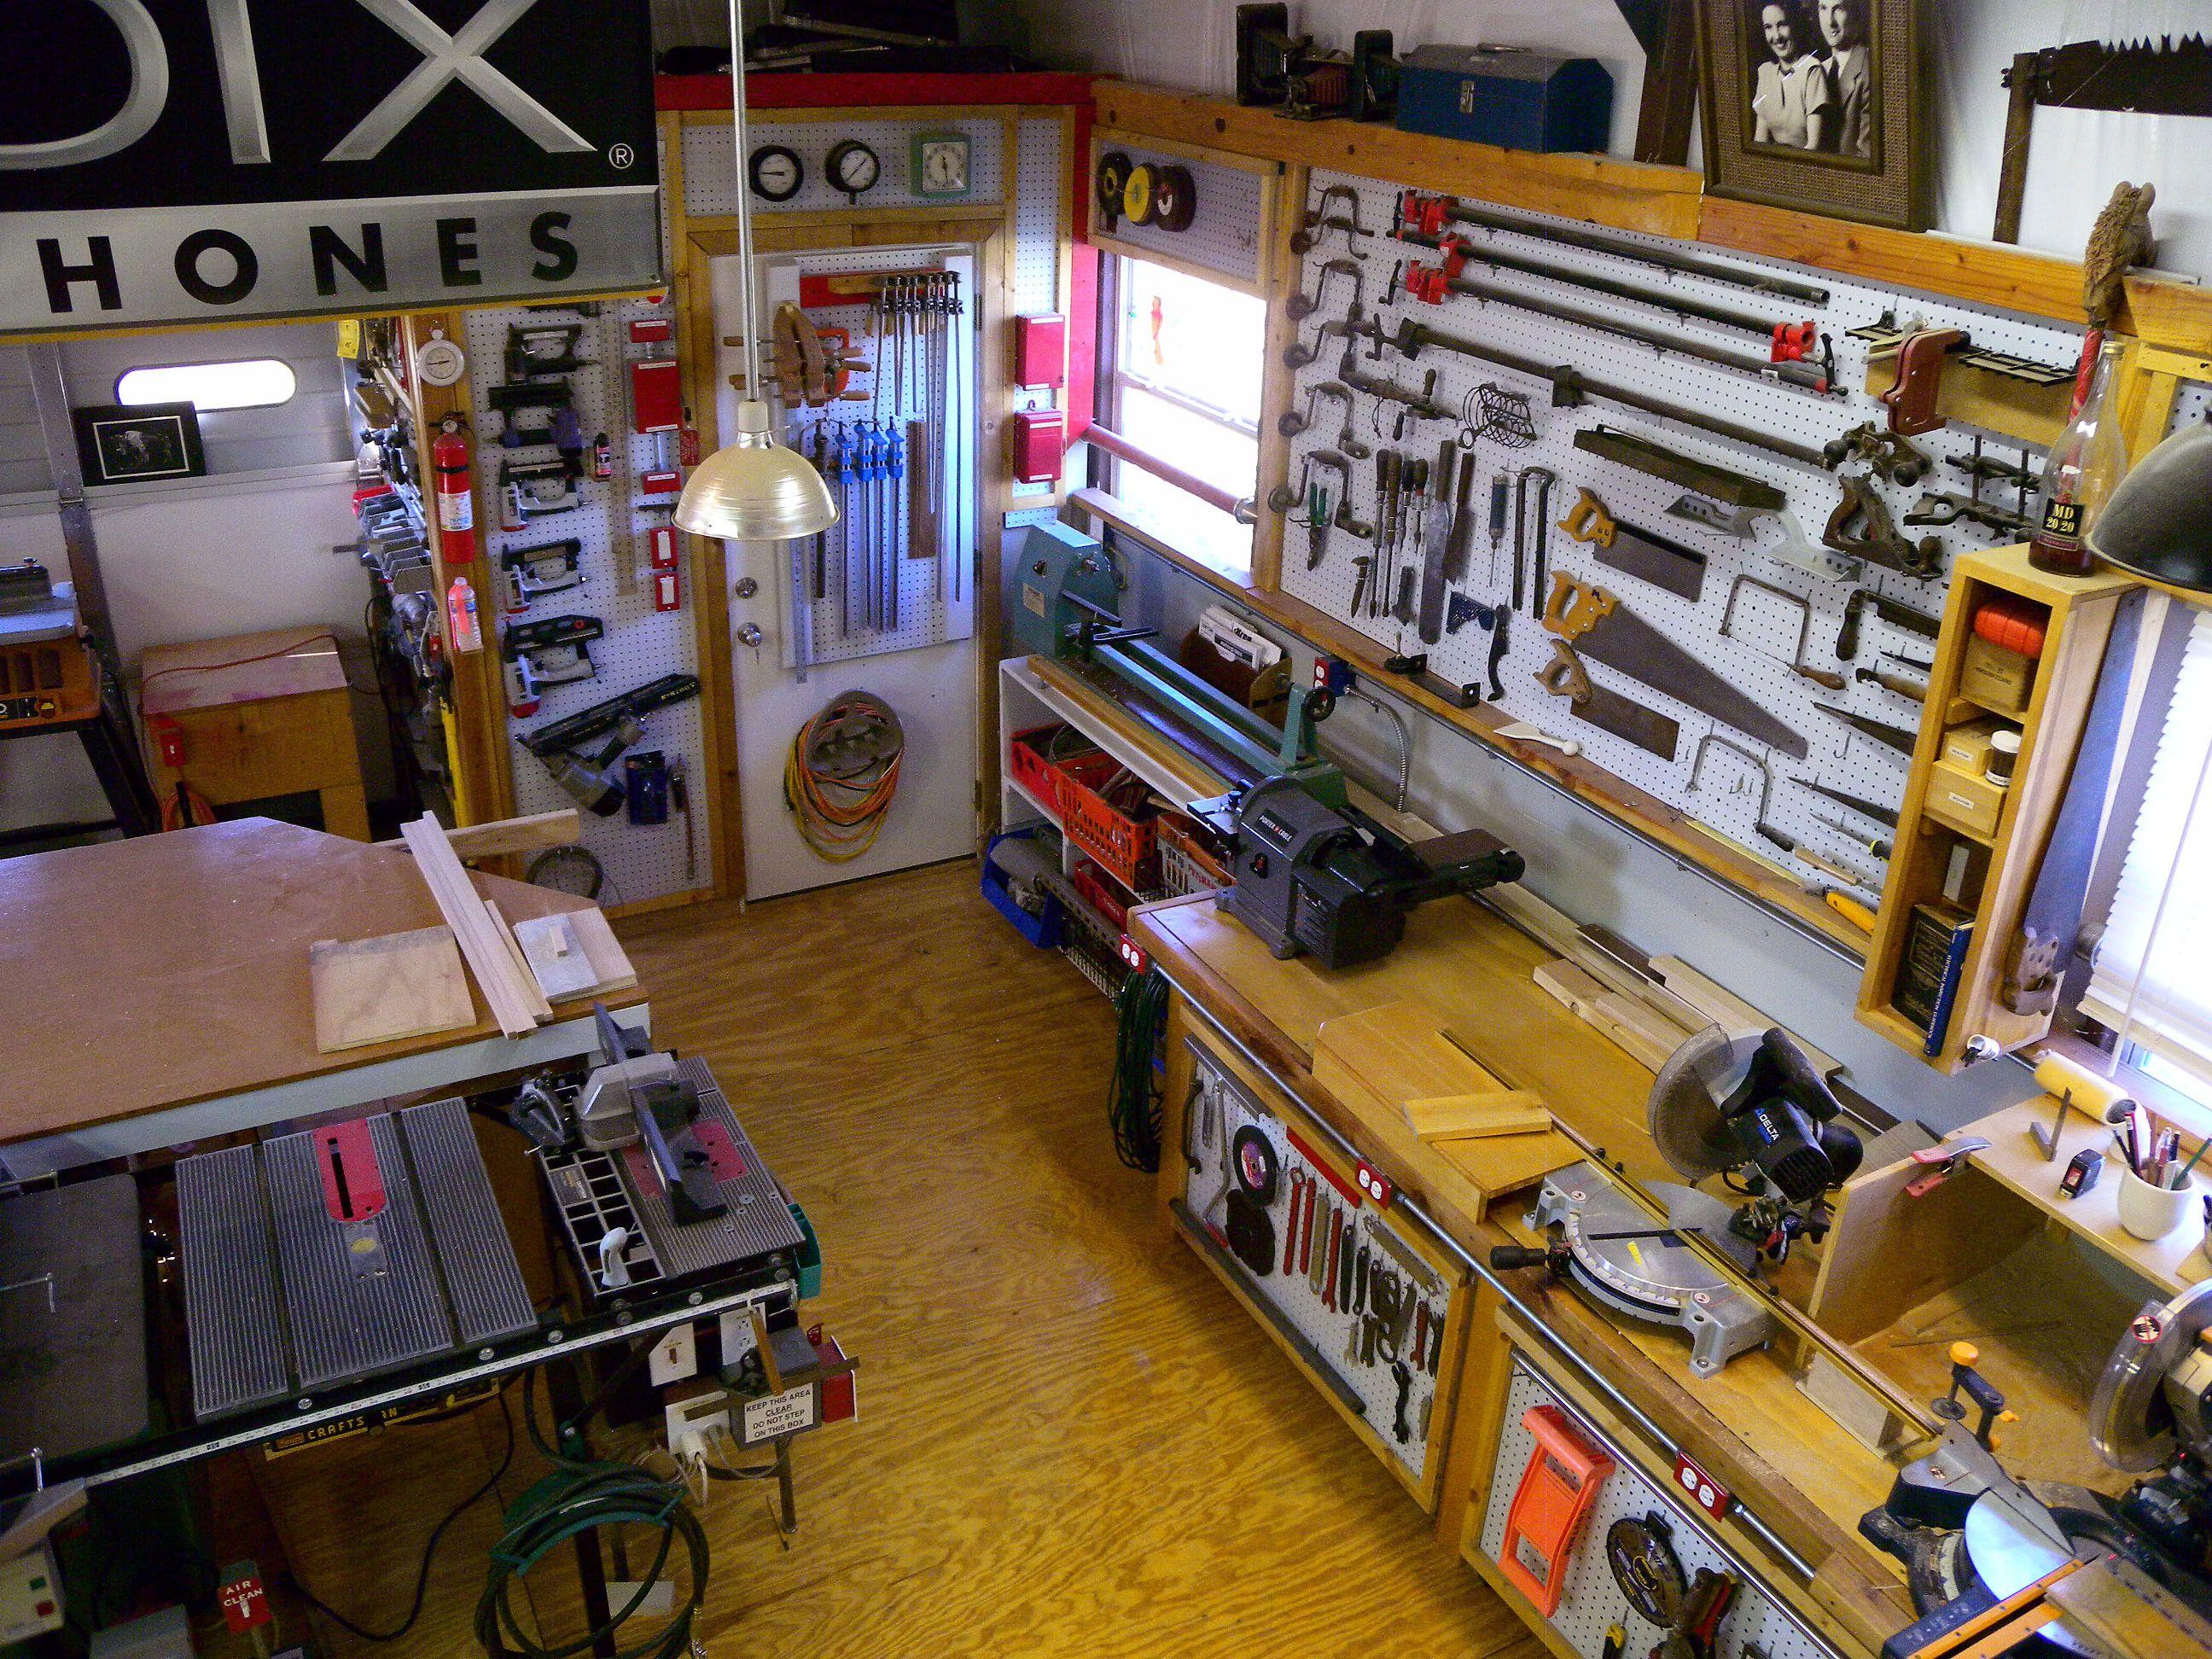 2012 Apr Workshop Woodshop Wood Shop Garage Workshop Plans Hobby Storage